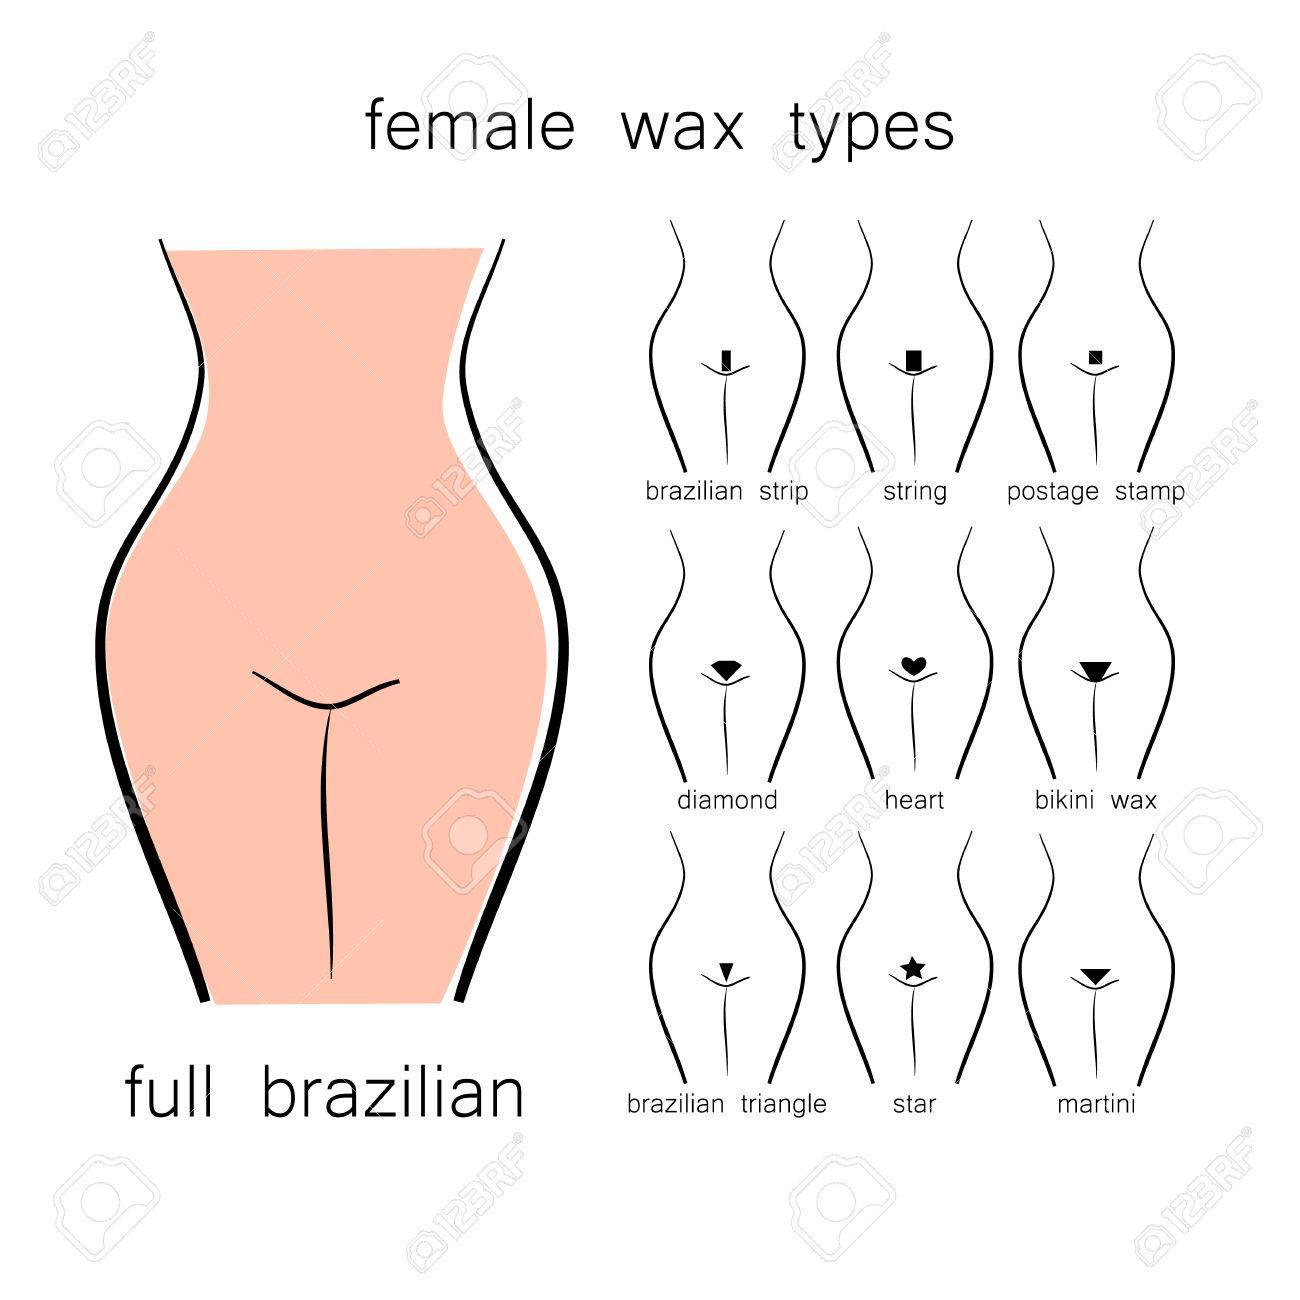 Different bikini wax recommend